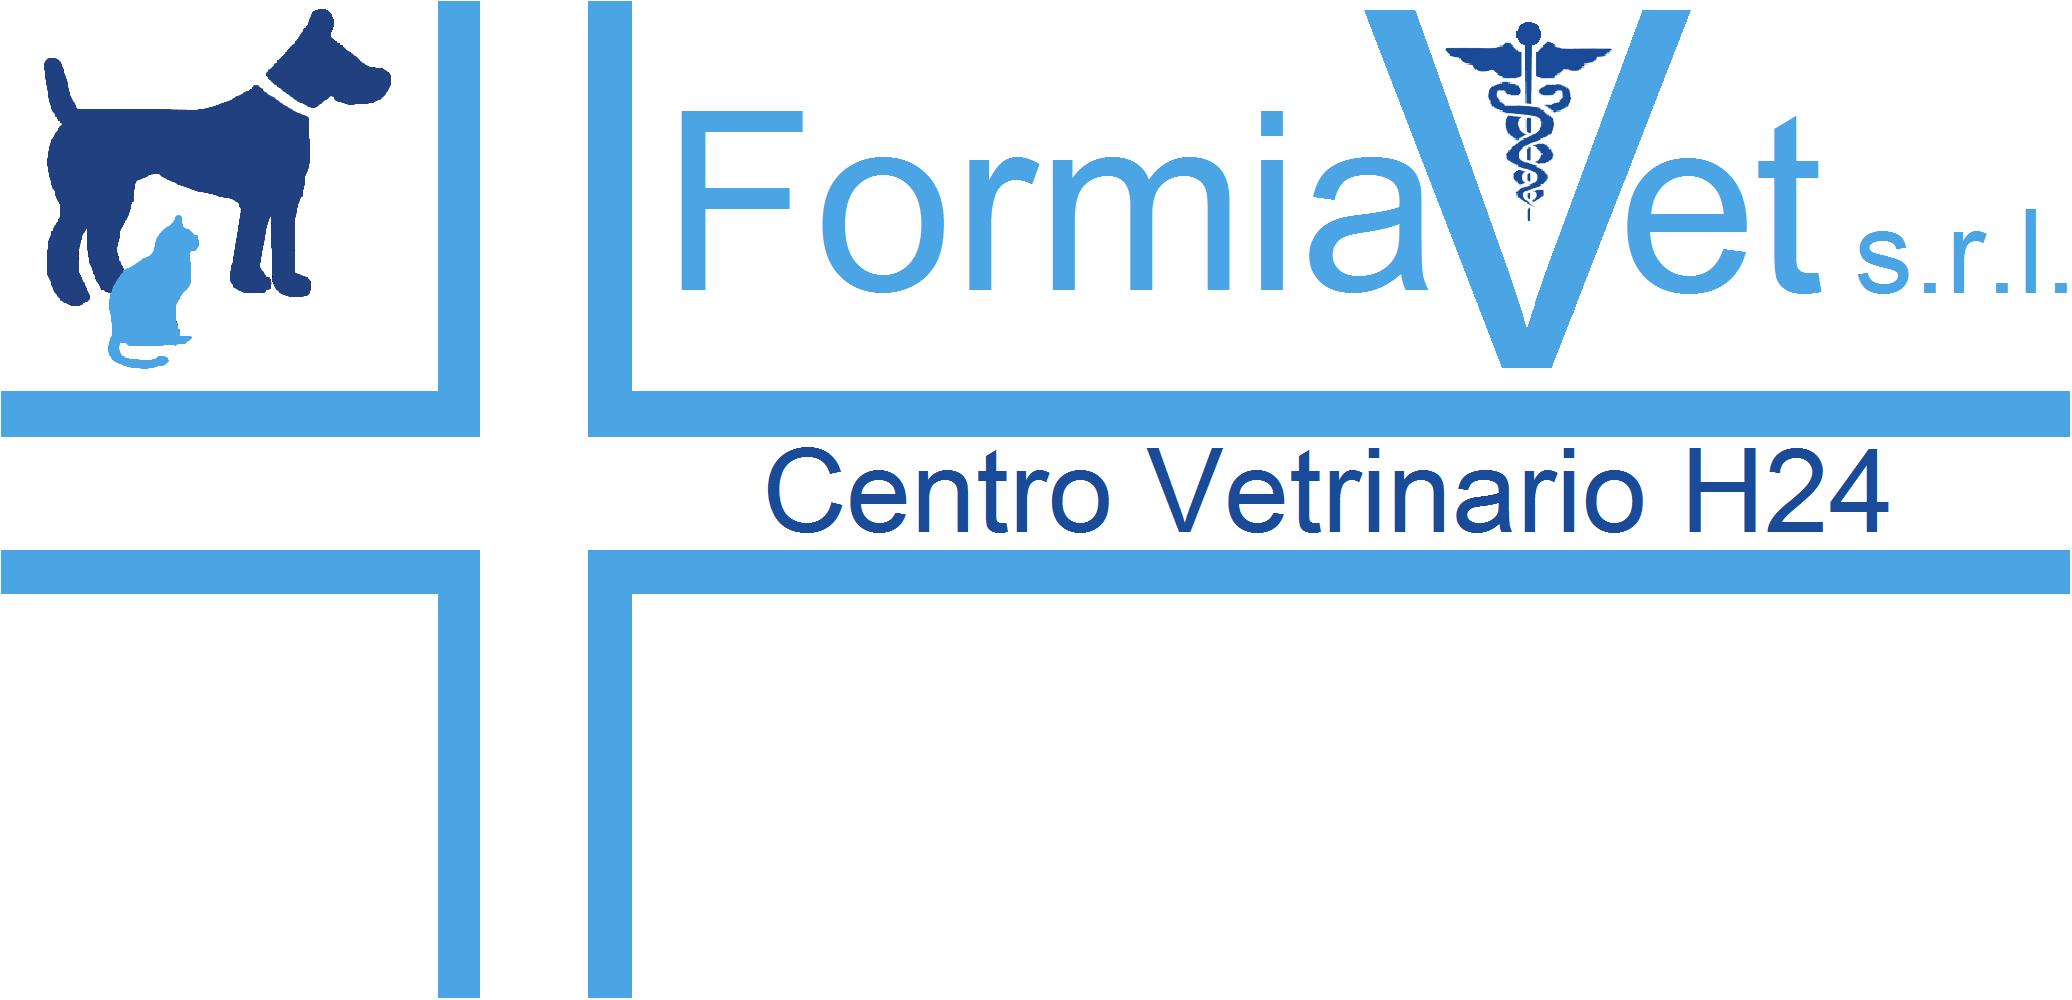 Ospedale Veterinario FormiaVet srl